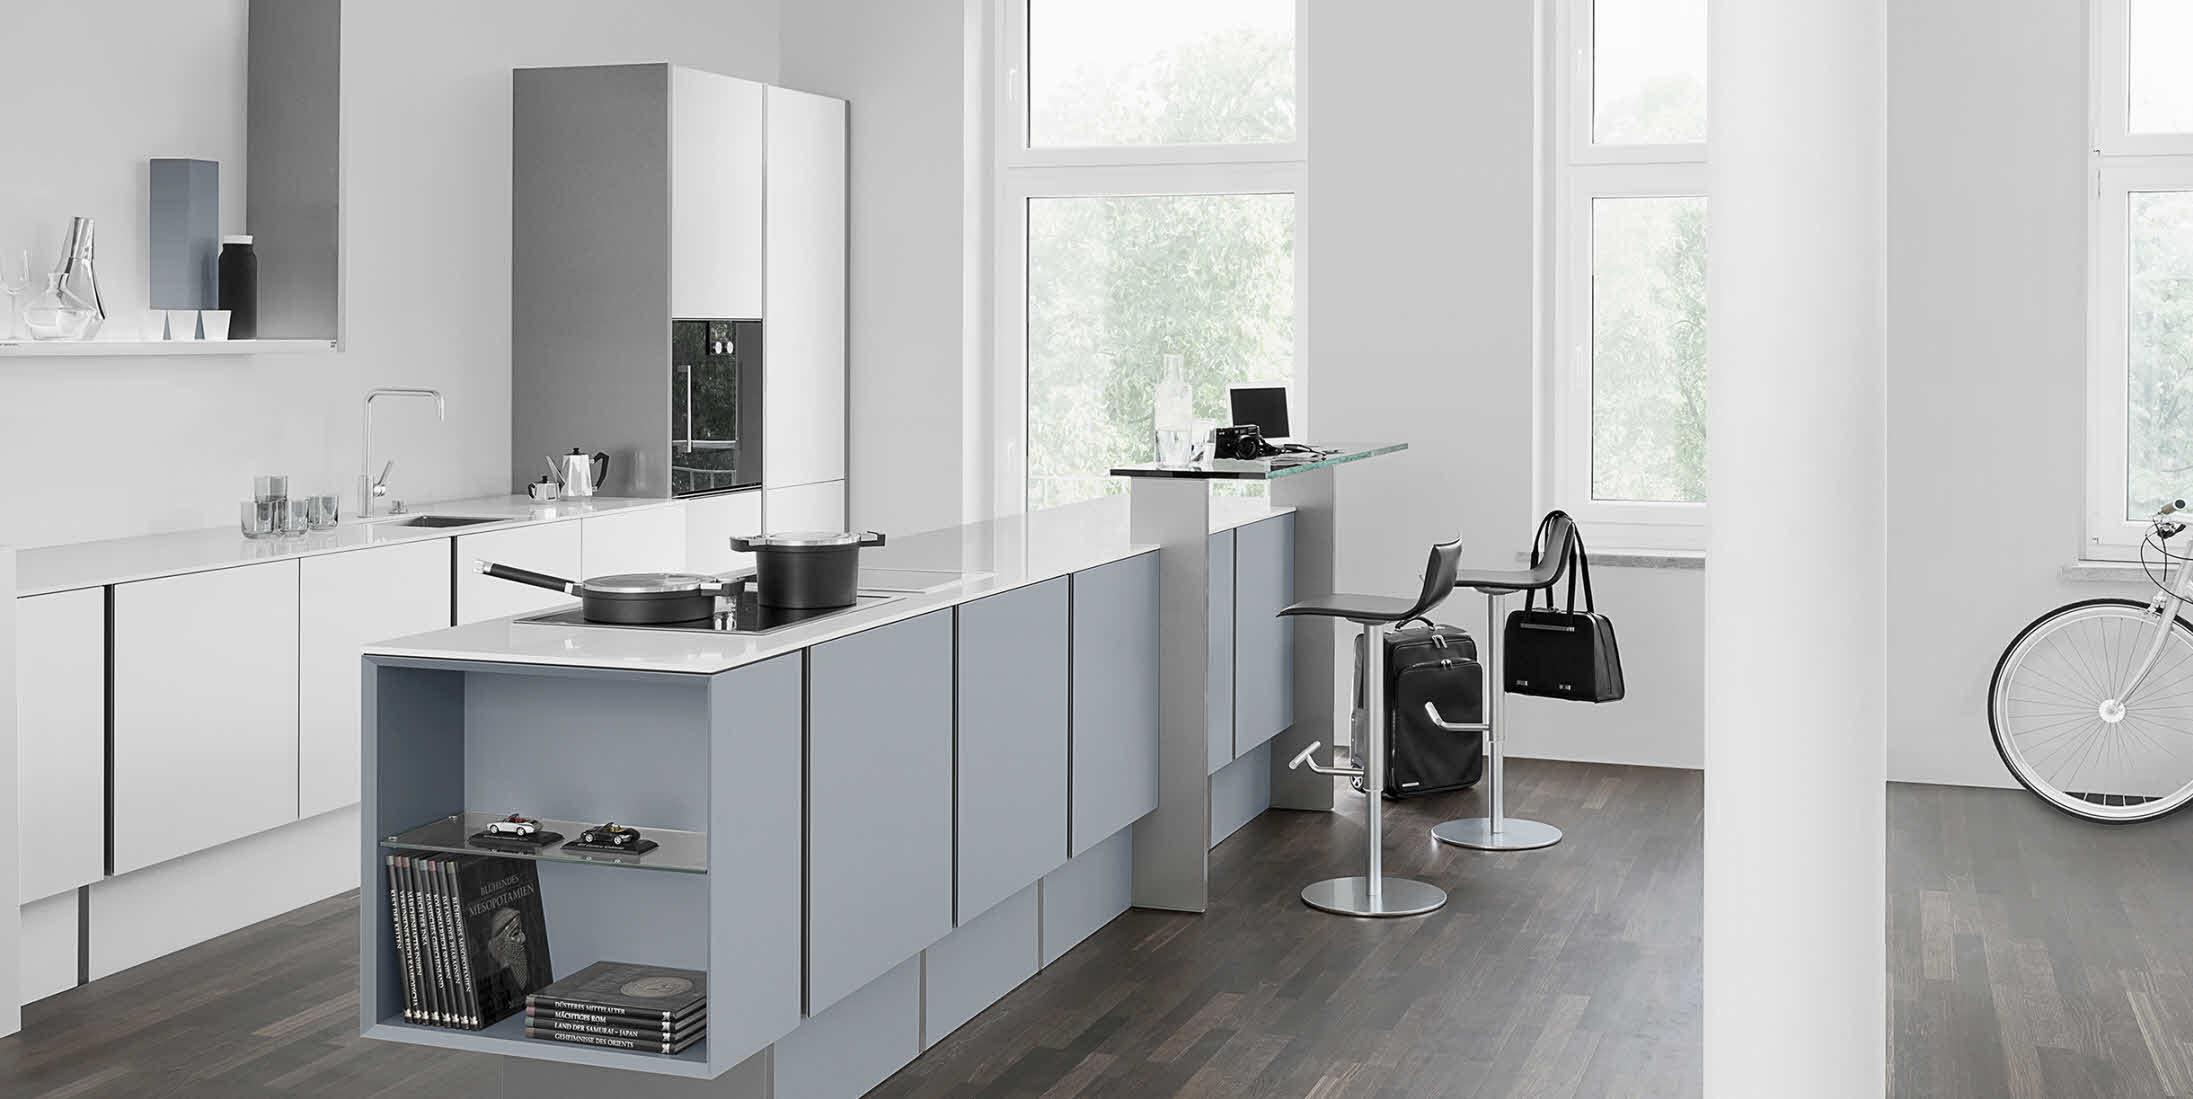 Design Keuken Groningen : Poggenpohl p7350 design by porsche design studio product in beeld